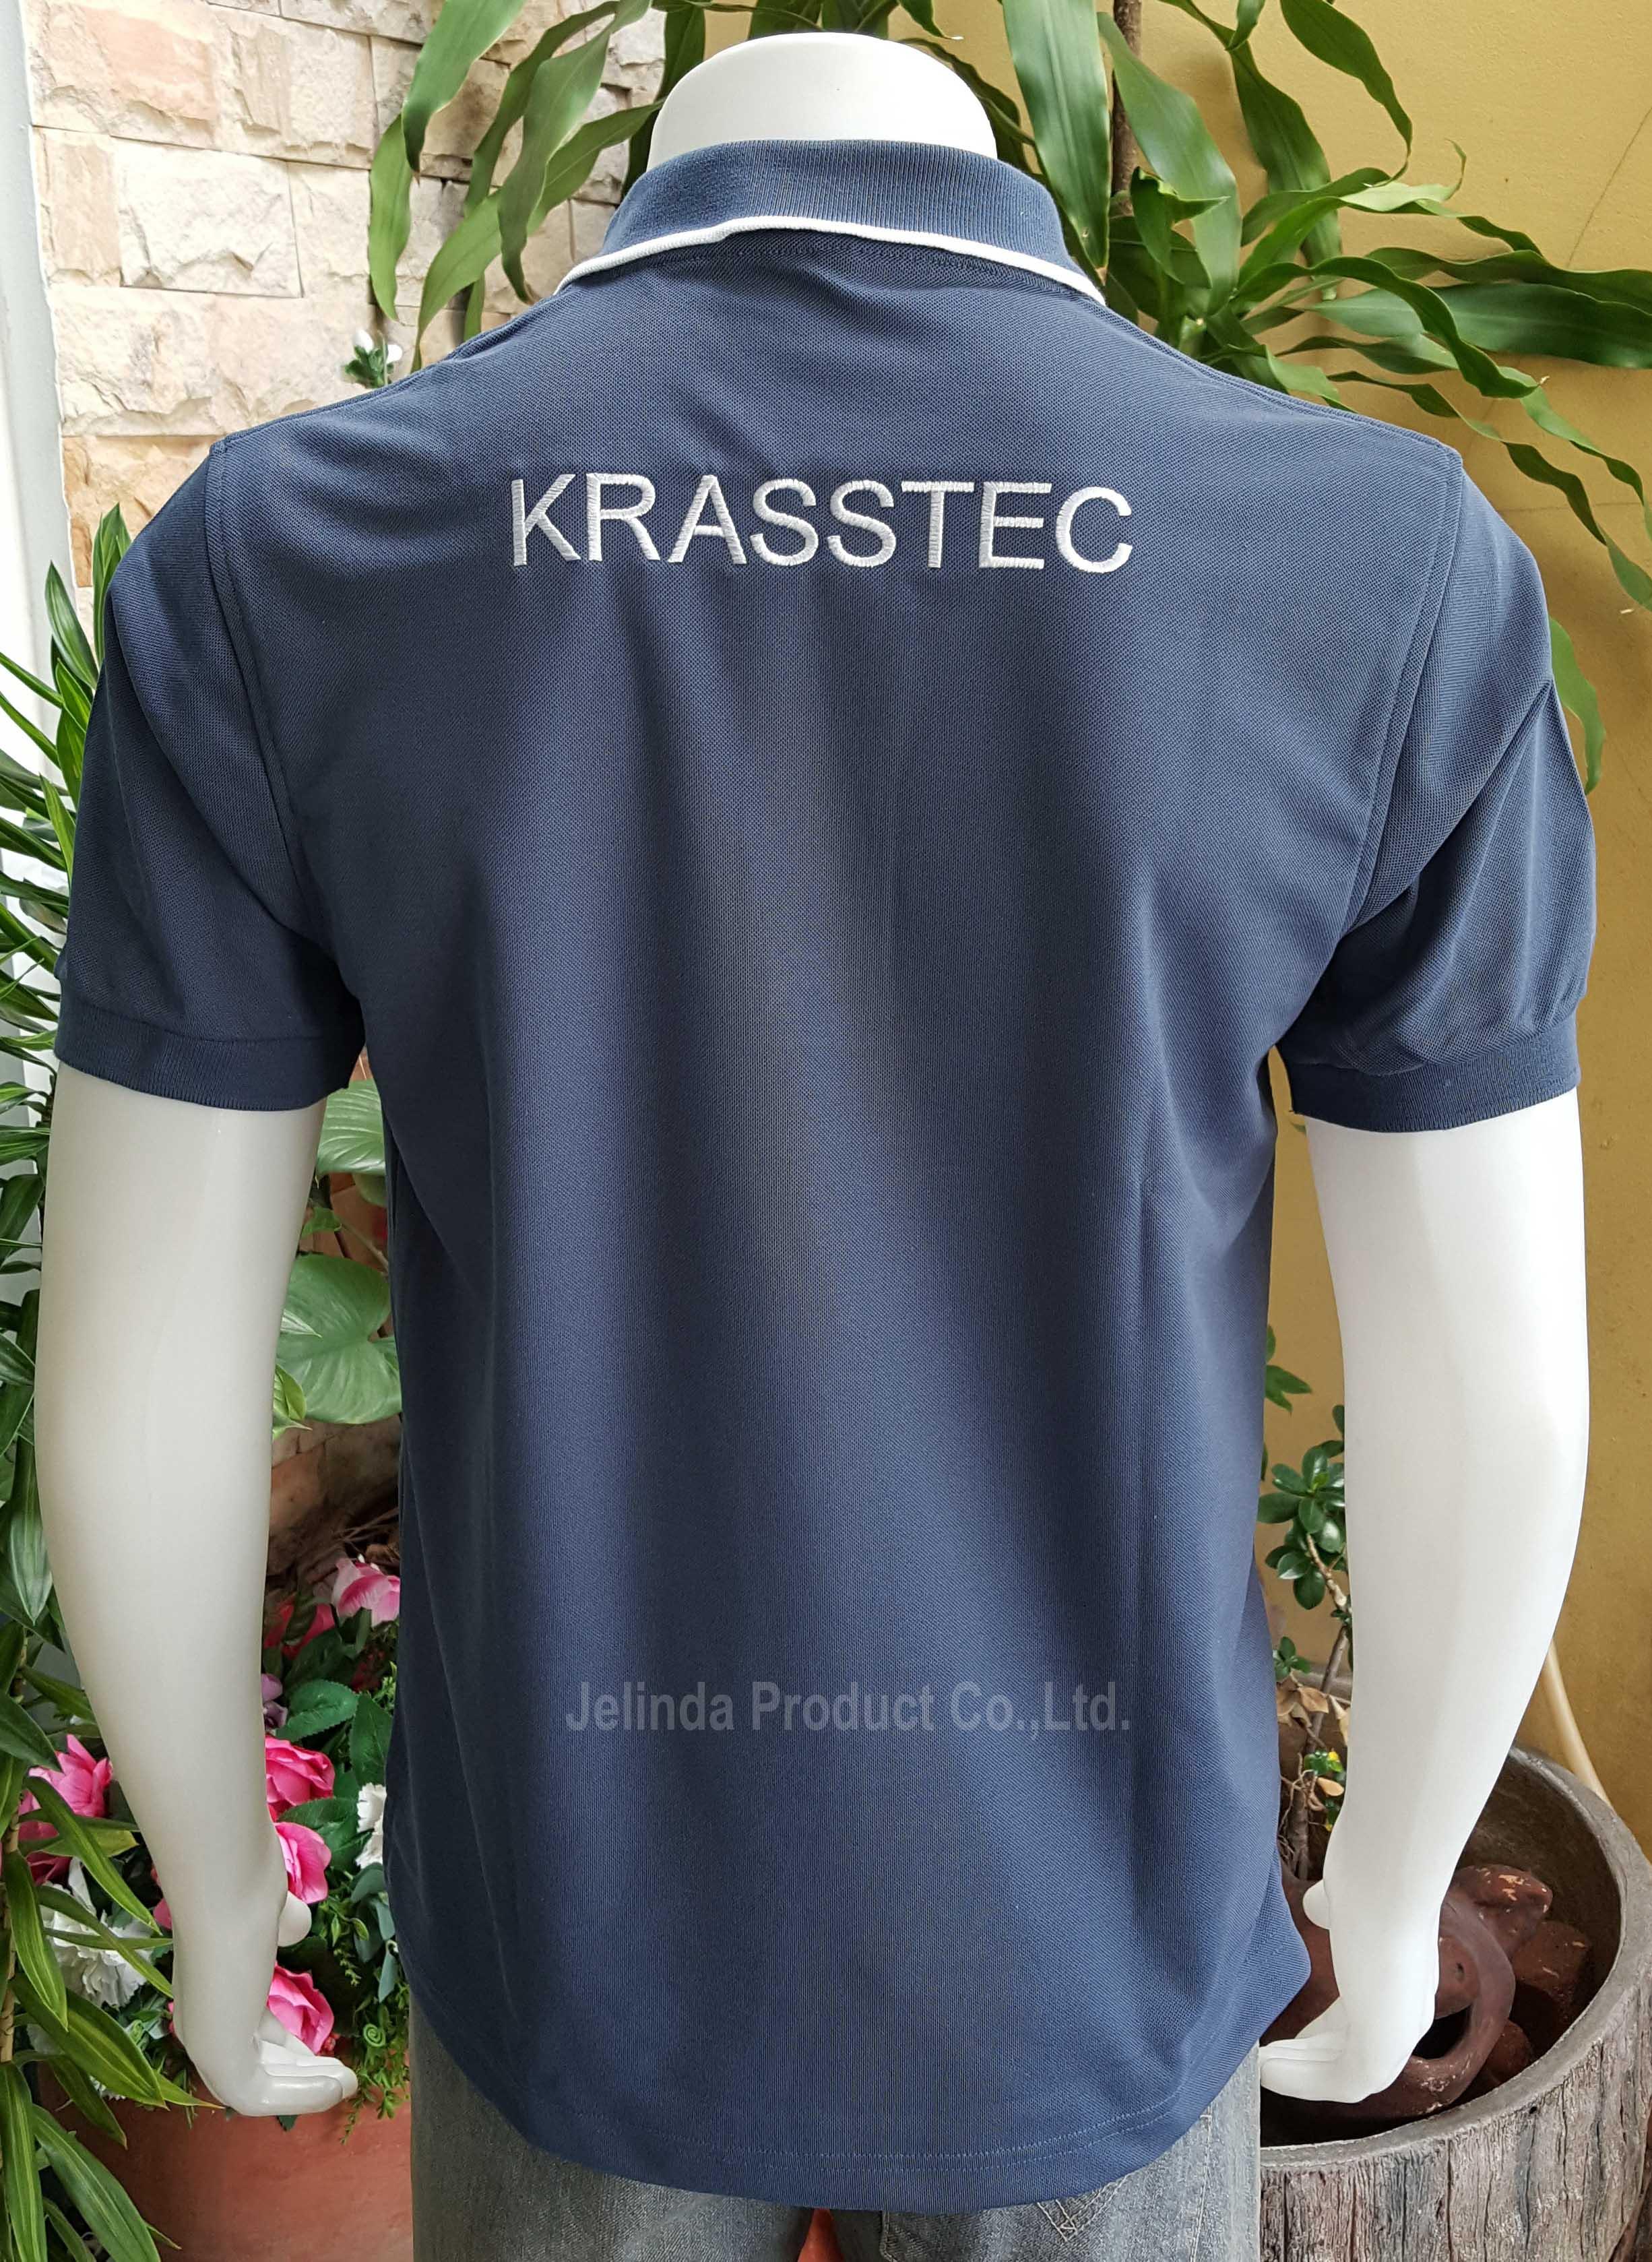 เสื้อโปโล Krasstec